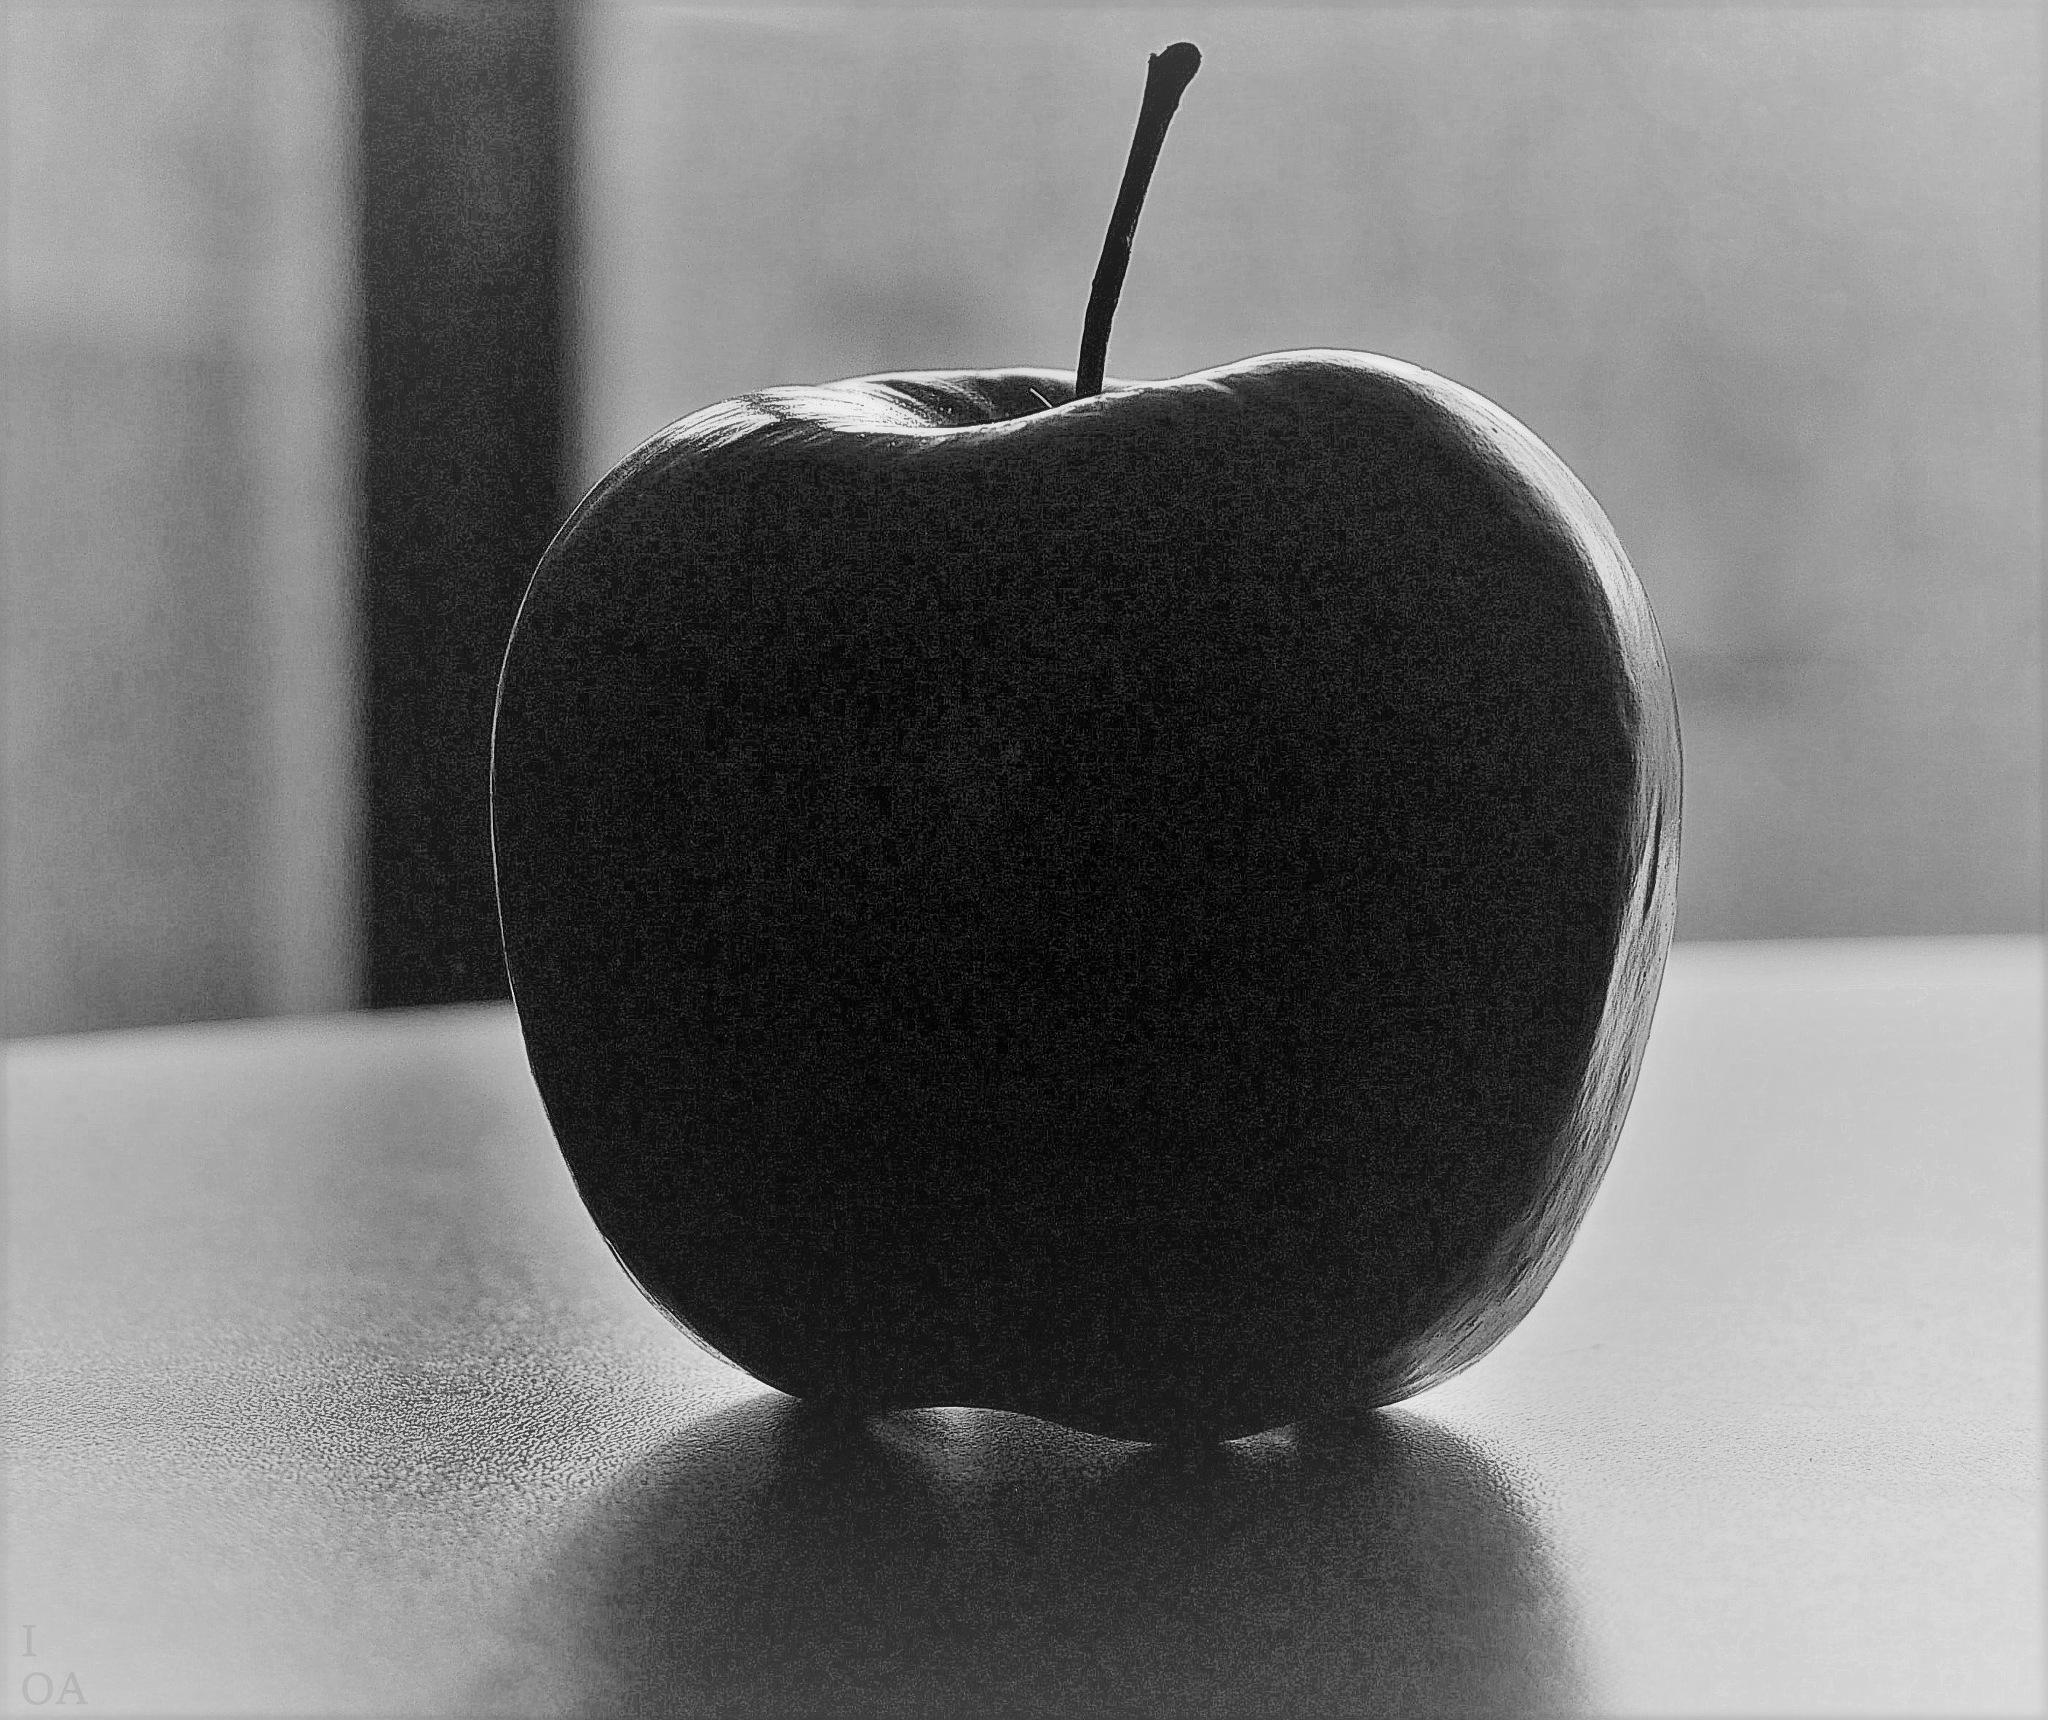 Apple B&W by imageofantwerp